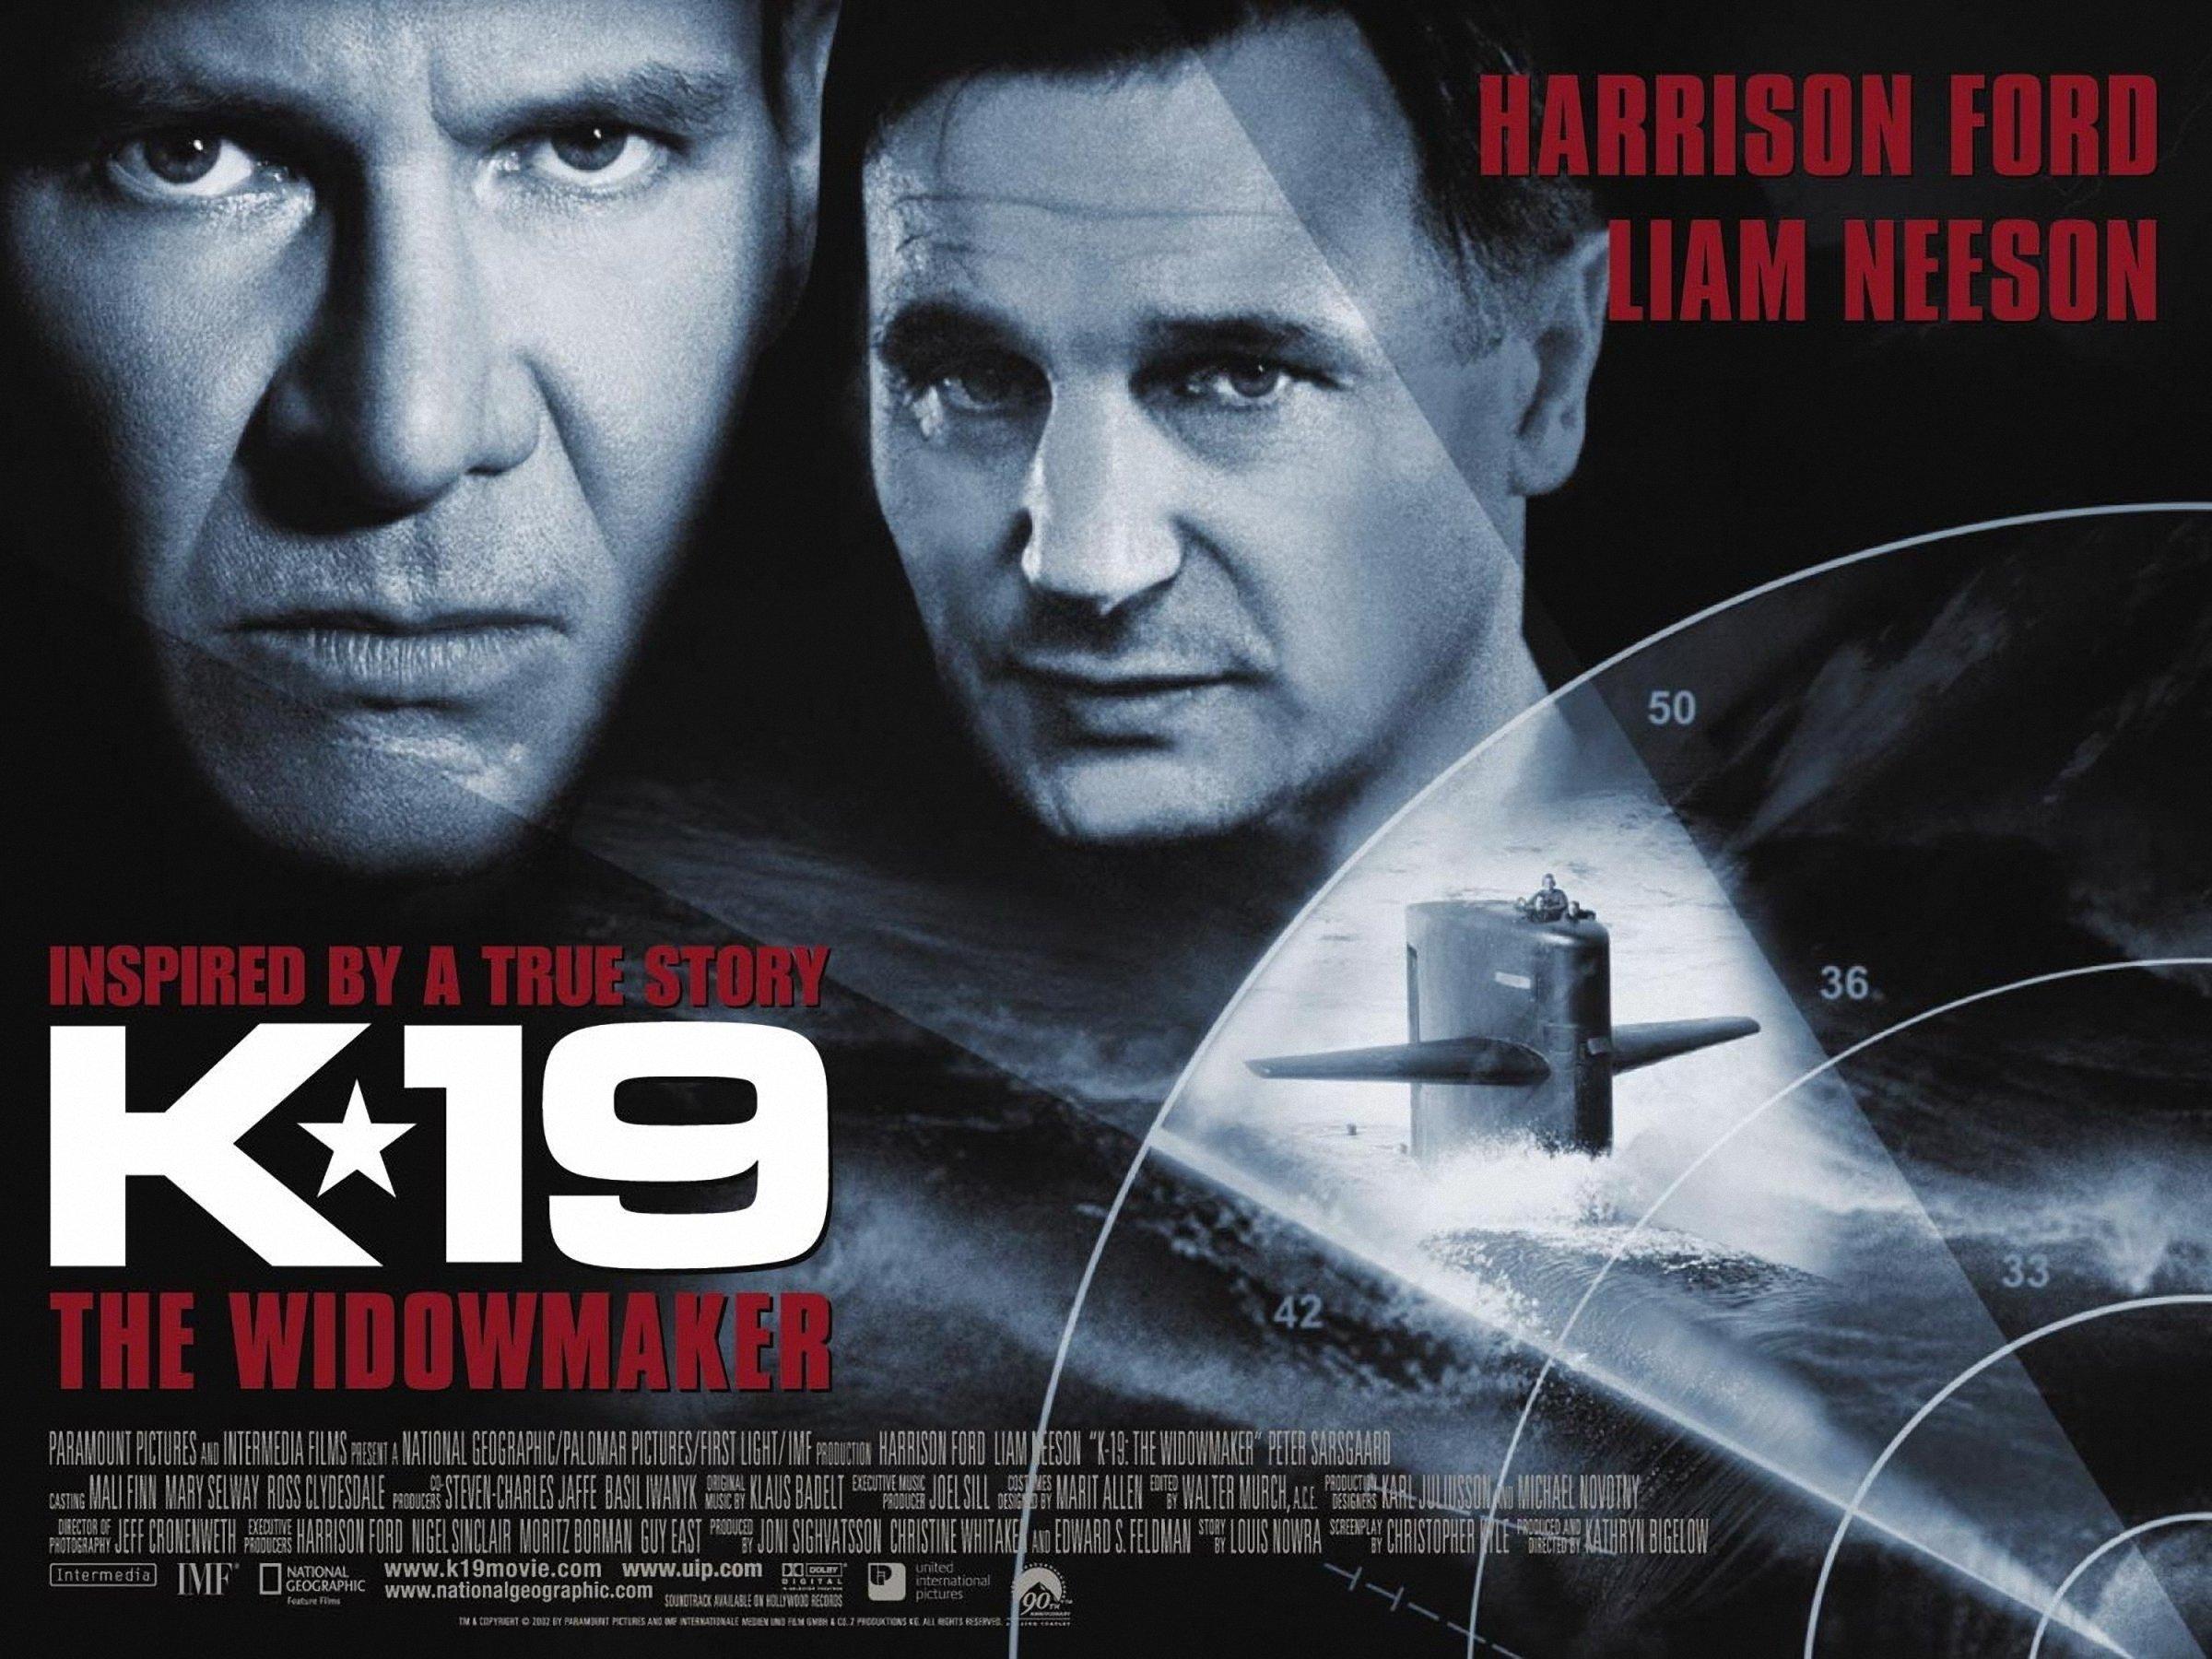 Una Pagina de Cine 2002 K-19 The widowmaker (ing) (hs).jpg